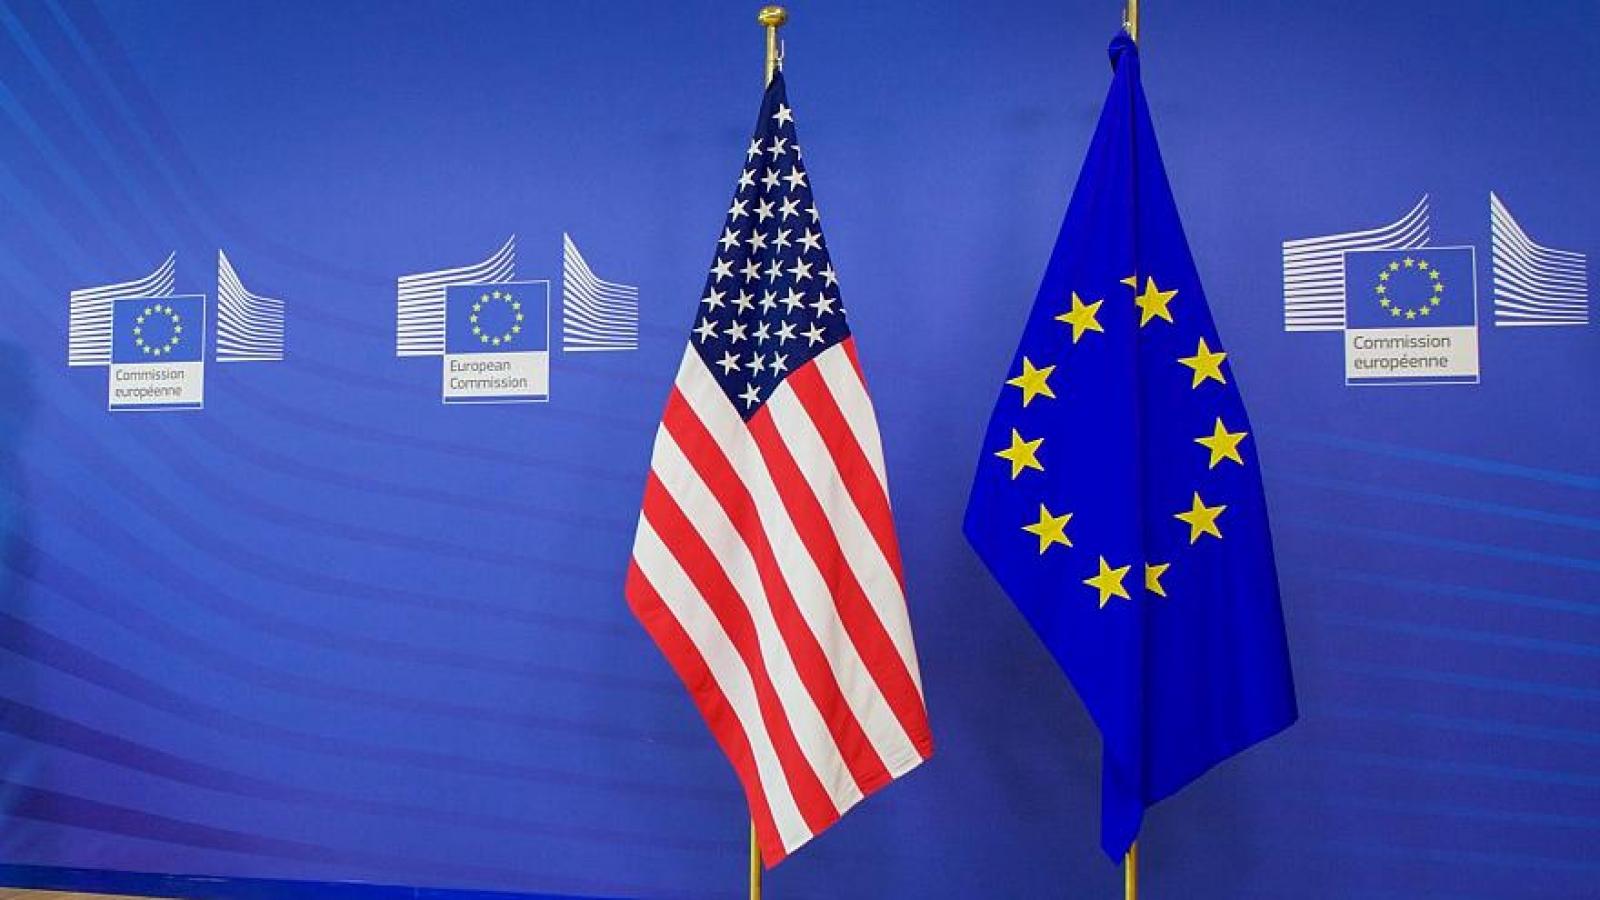 Bê bối do thám đồng minh trước thềm chuyến thămchâu Âu của Tổng thống Mỹ